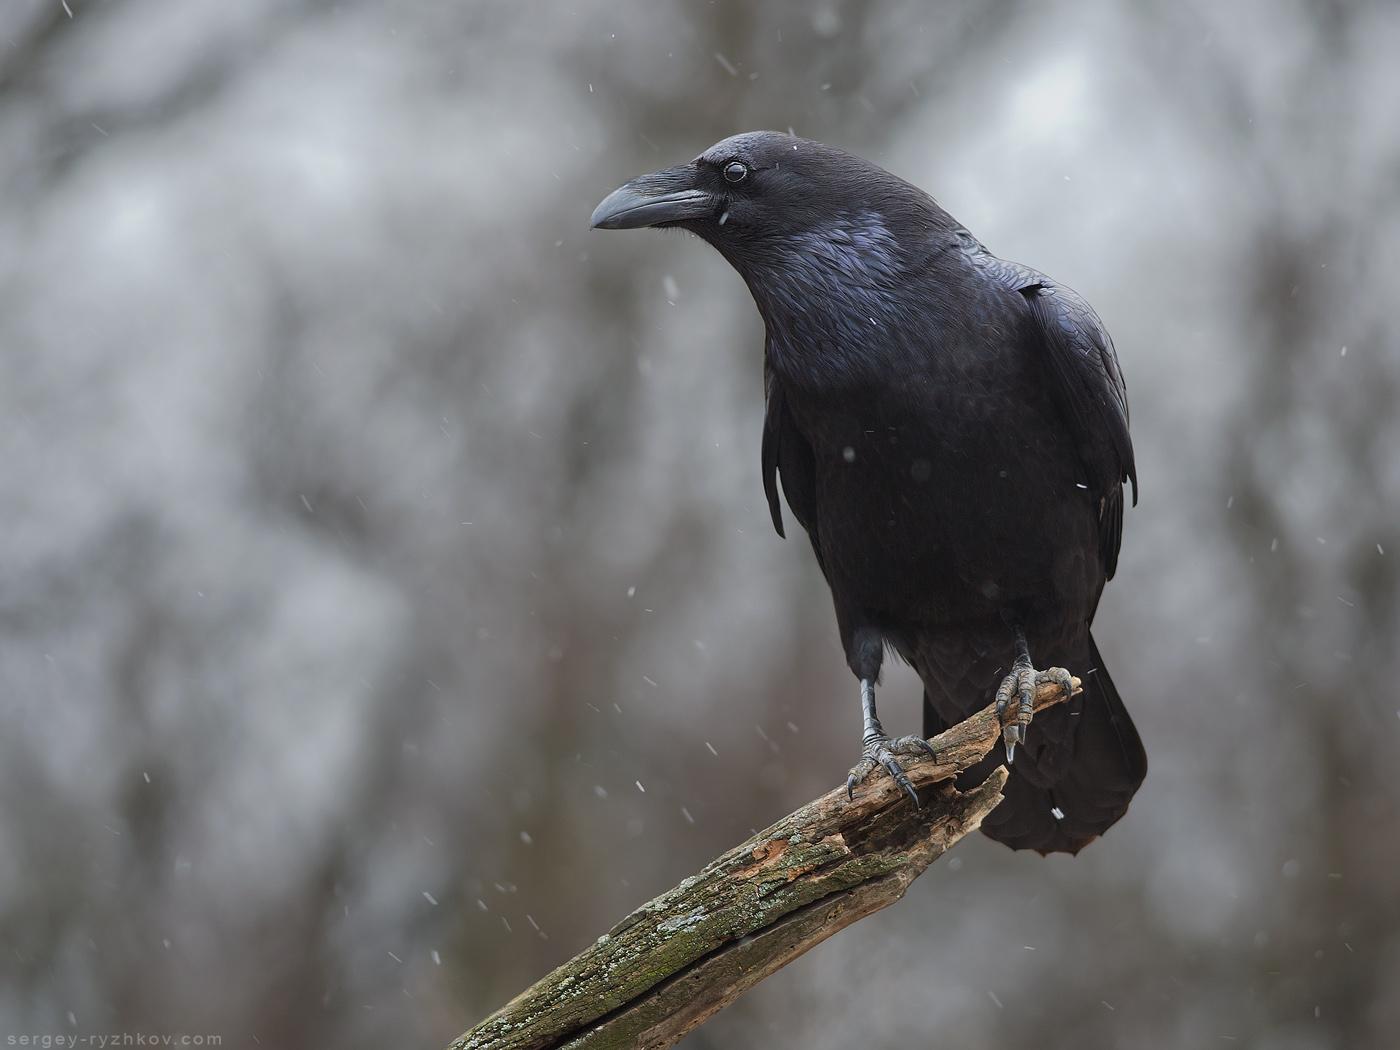 Крук, Raven - Corvus corax.